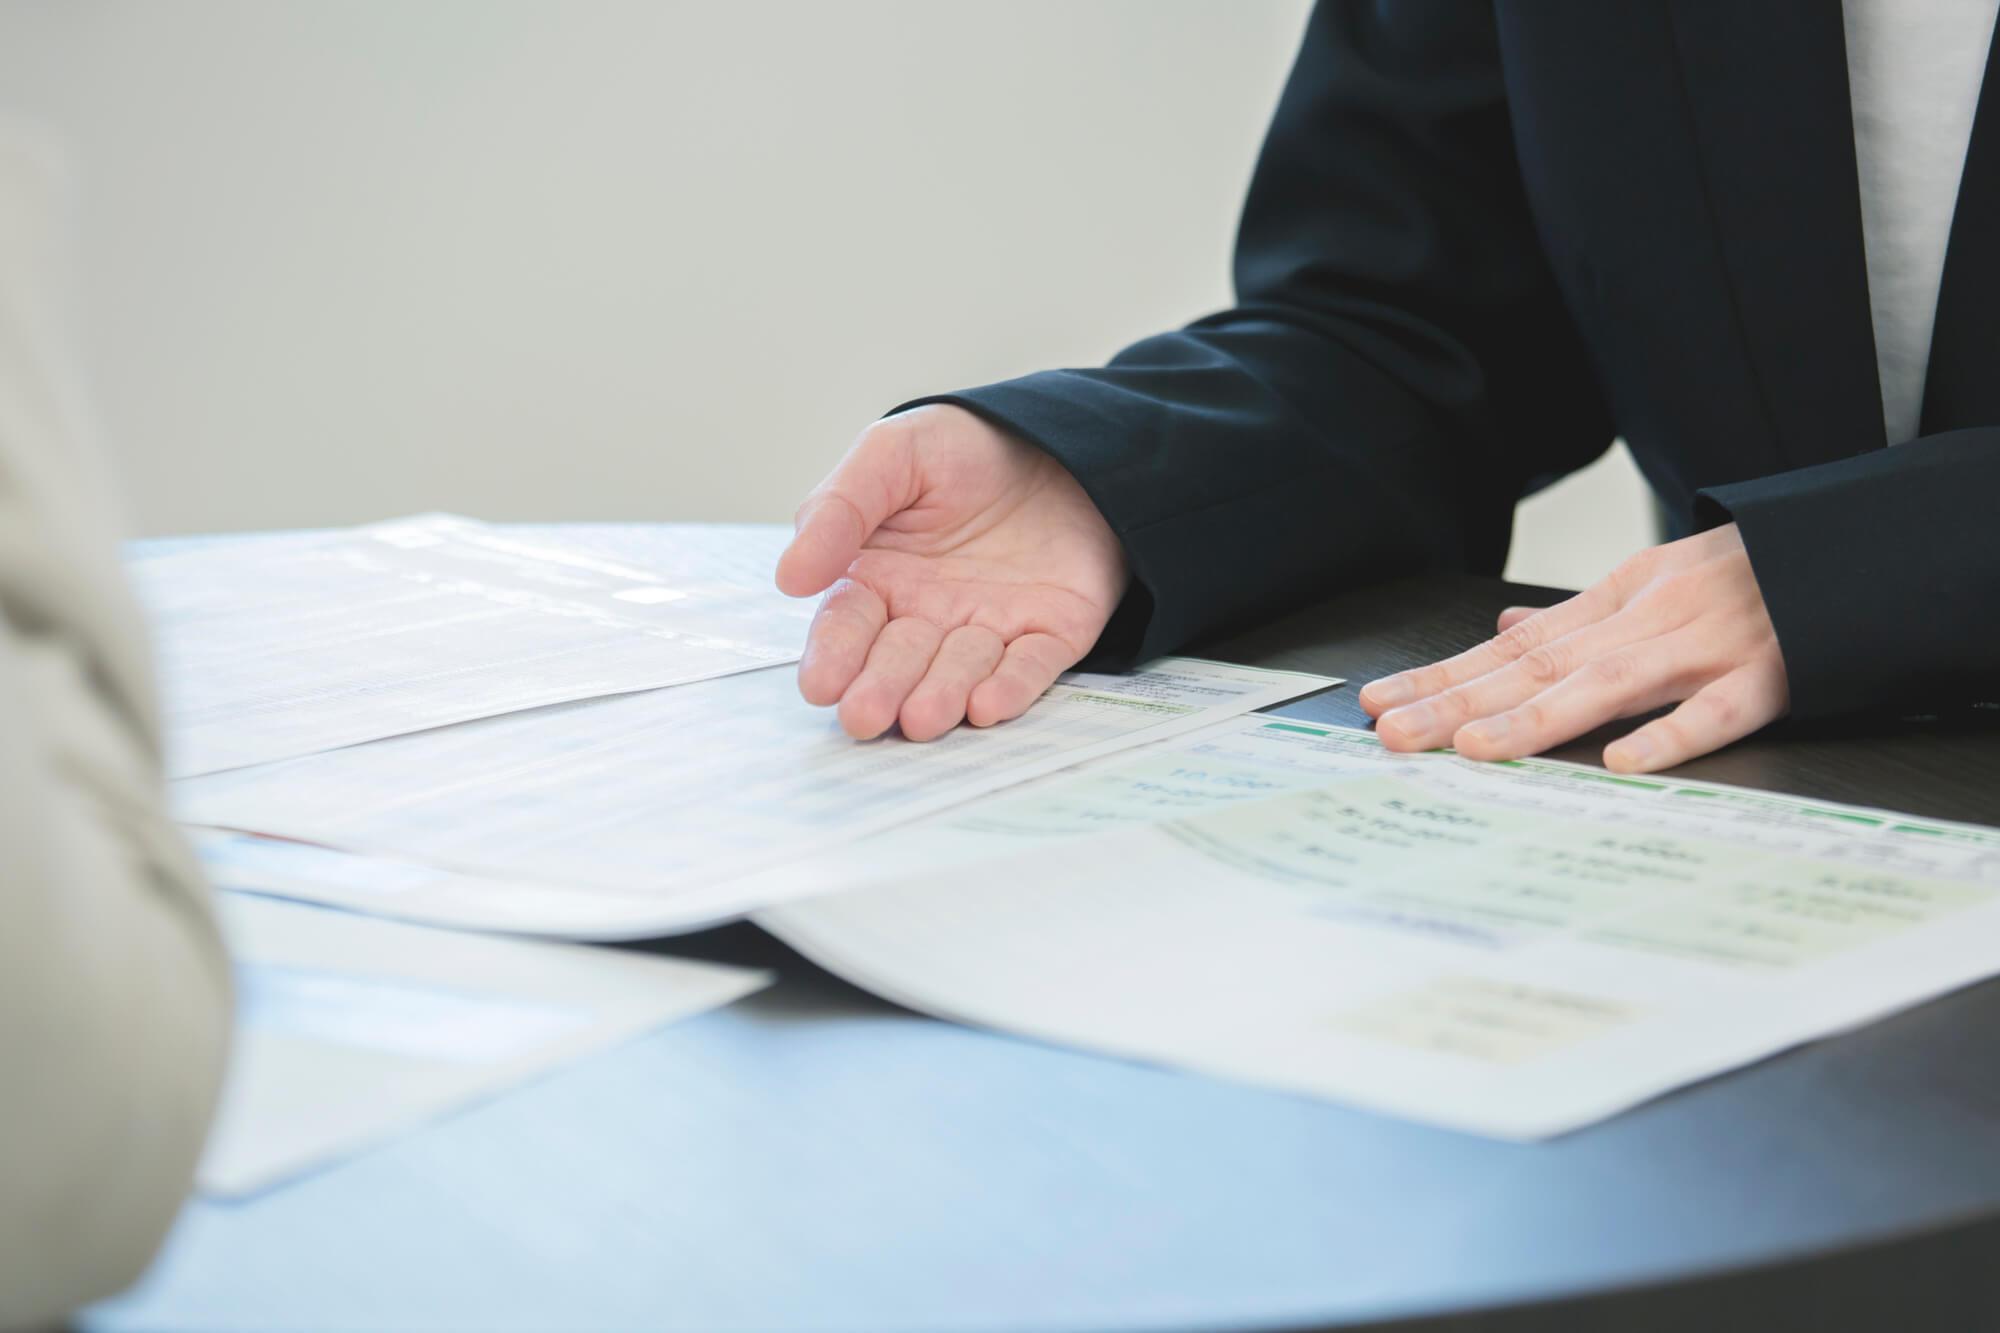 指摘されにくい不動産管理費の相場と税務調査で負けない3つのポイント